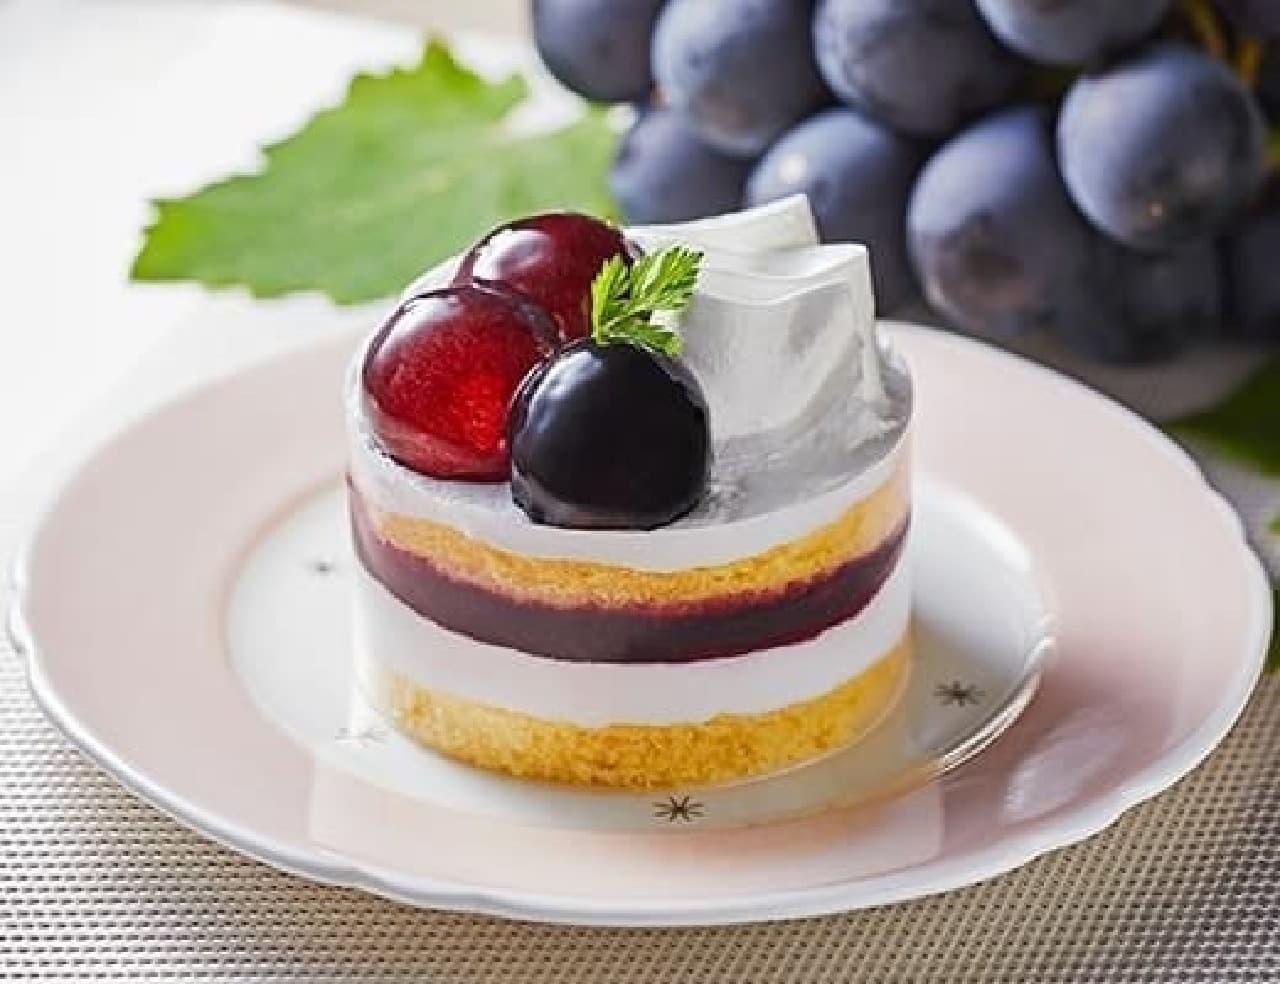 ローソン「ぶどうのショートケーキ」